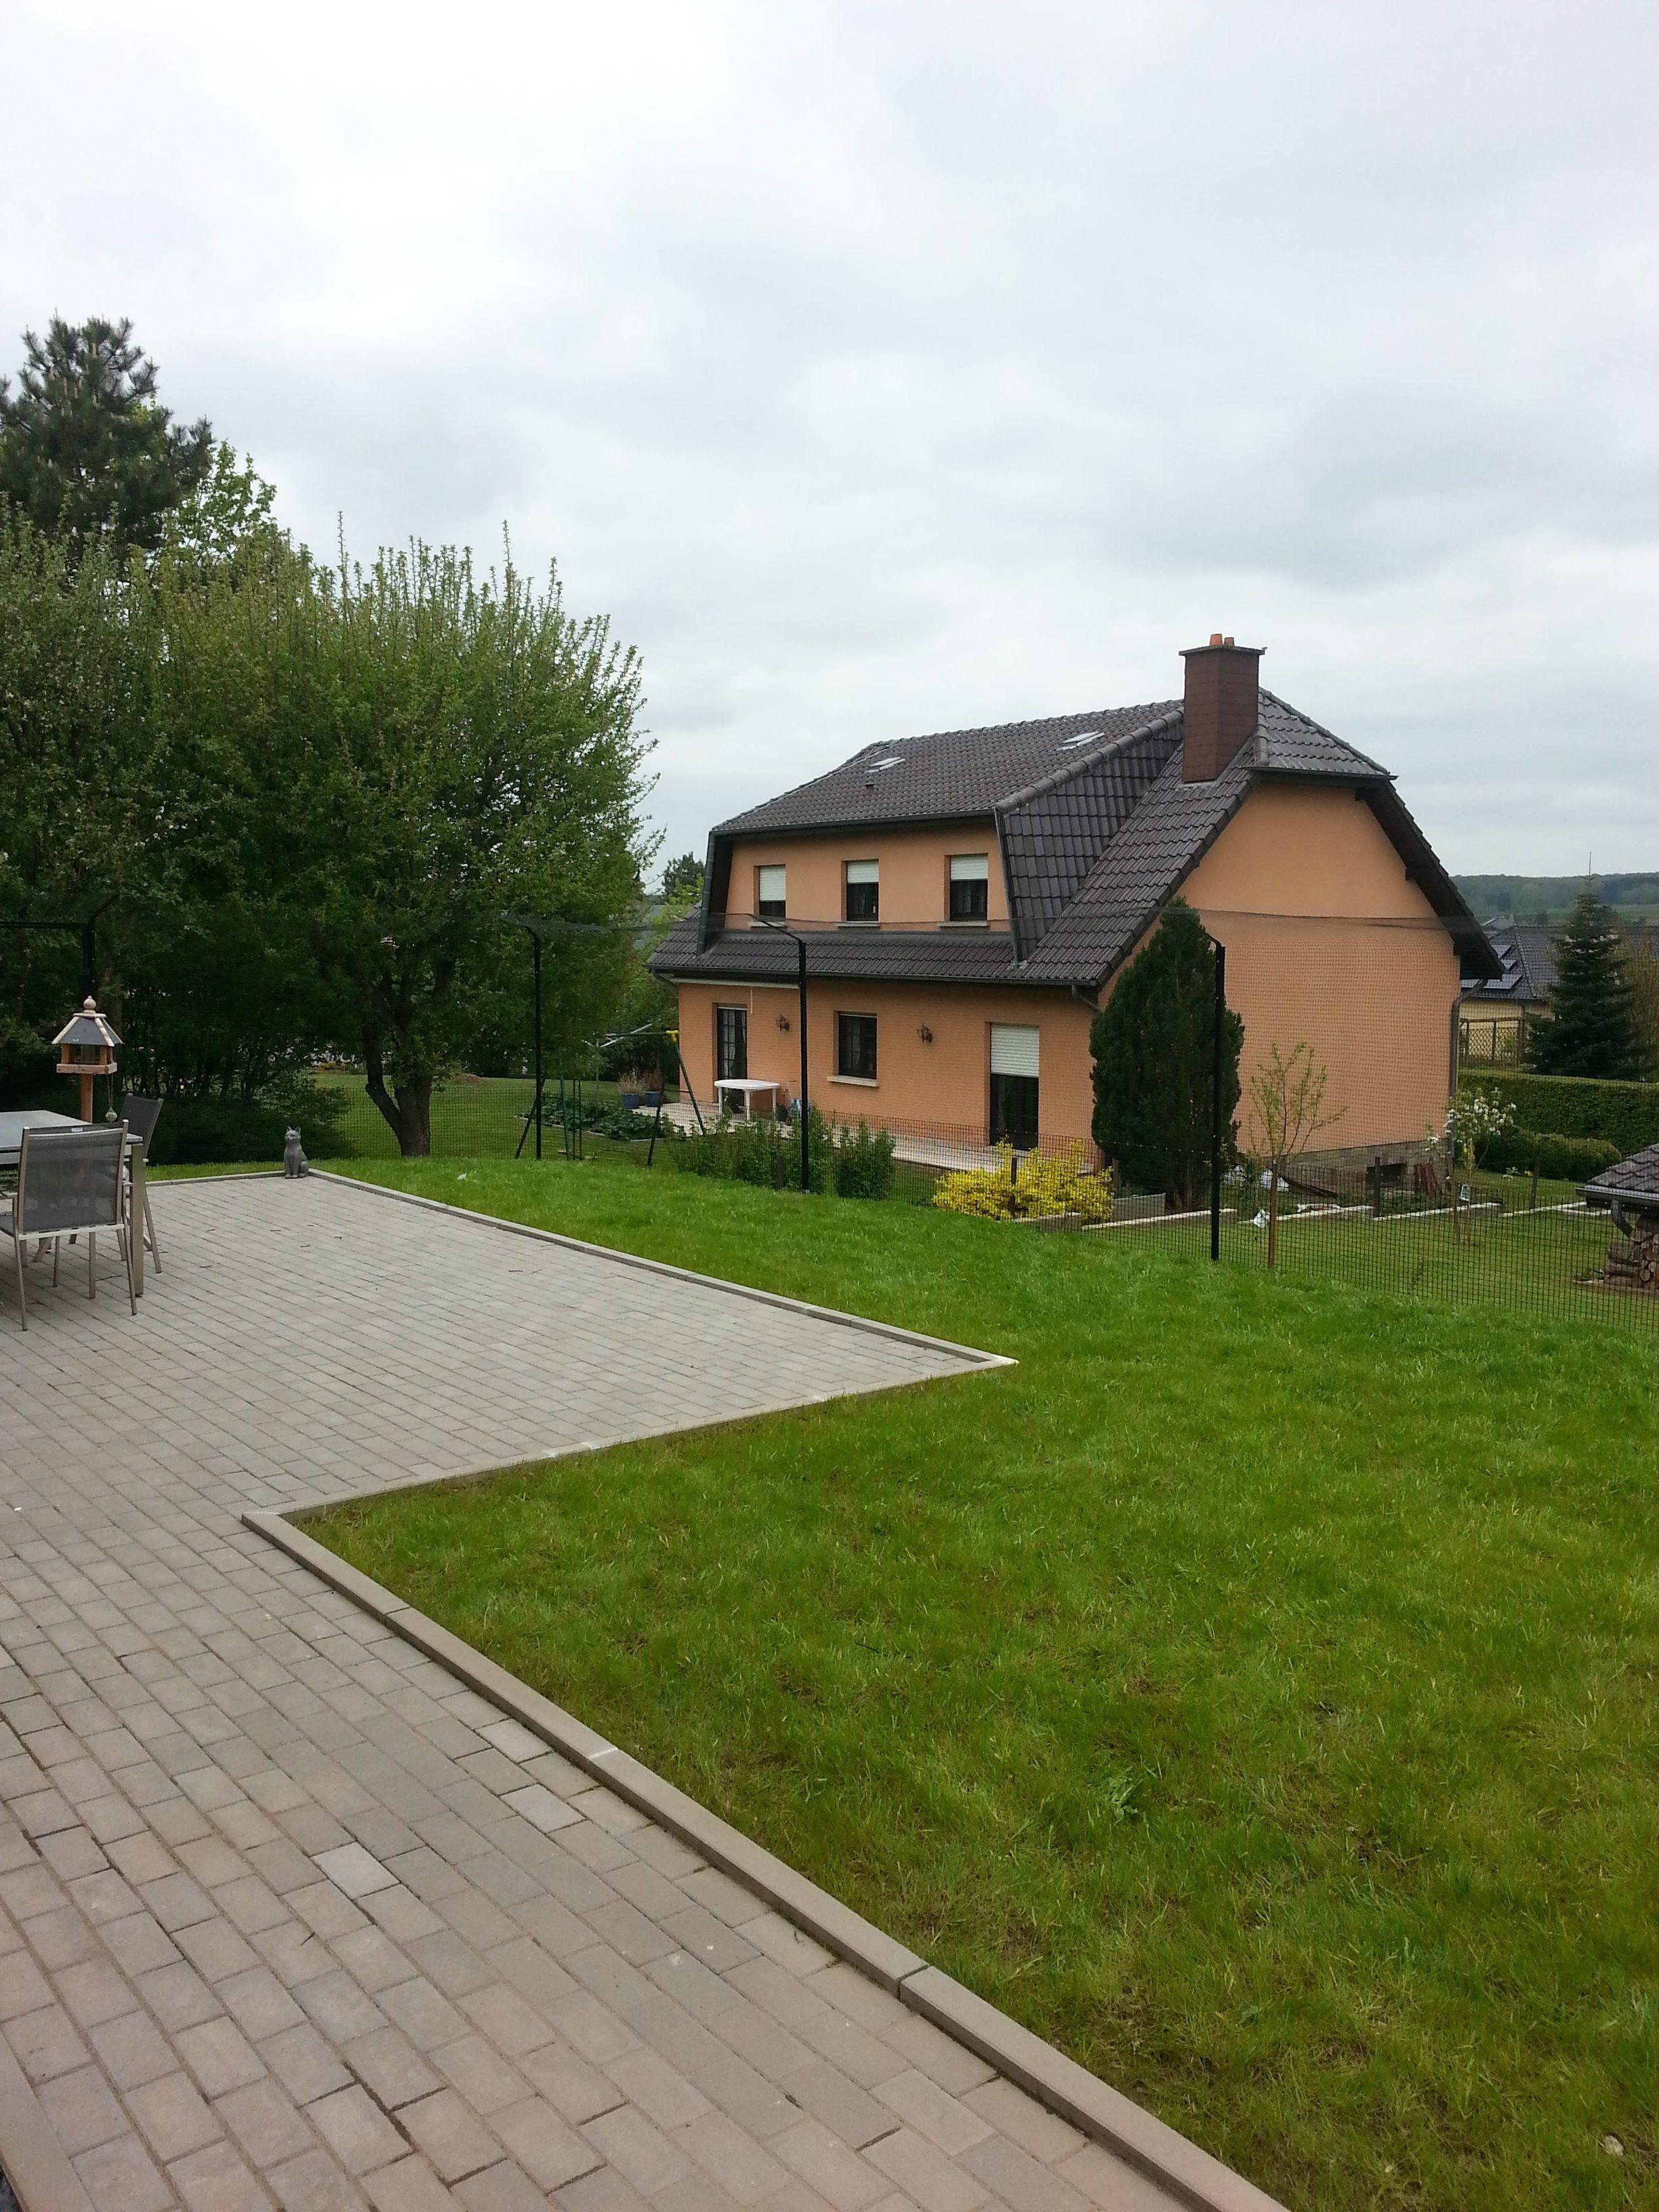 Gartensicherung Mit Dem Katzenzaun System Geräte House Styles